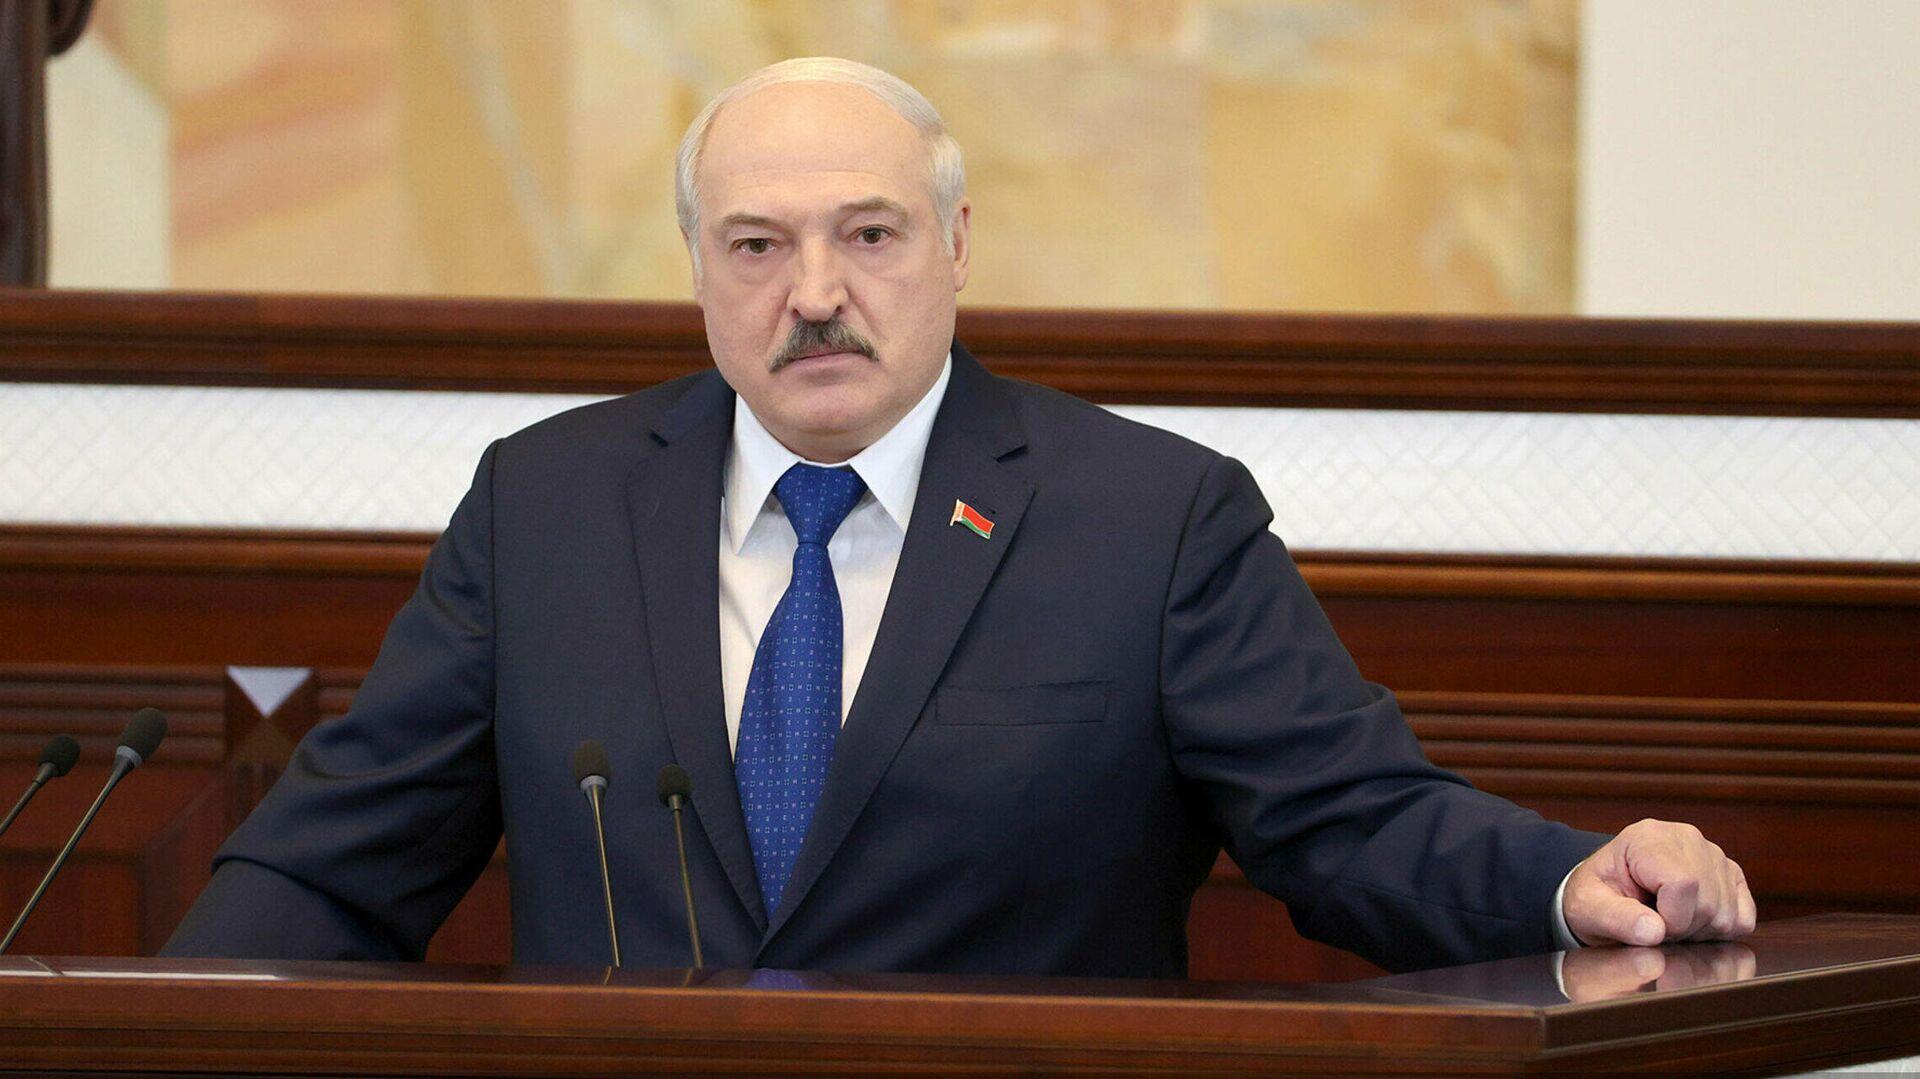 Лукашенко пообещал жесткий ответ на любые санкции и провокации